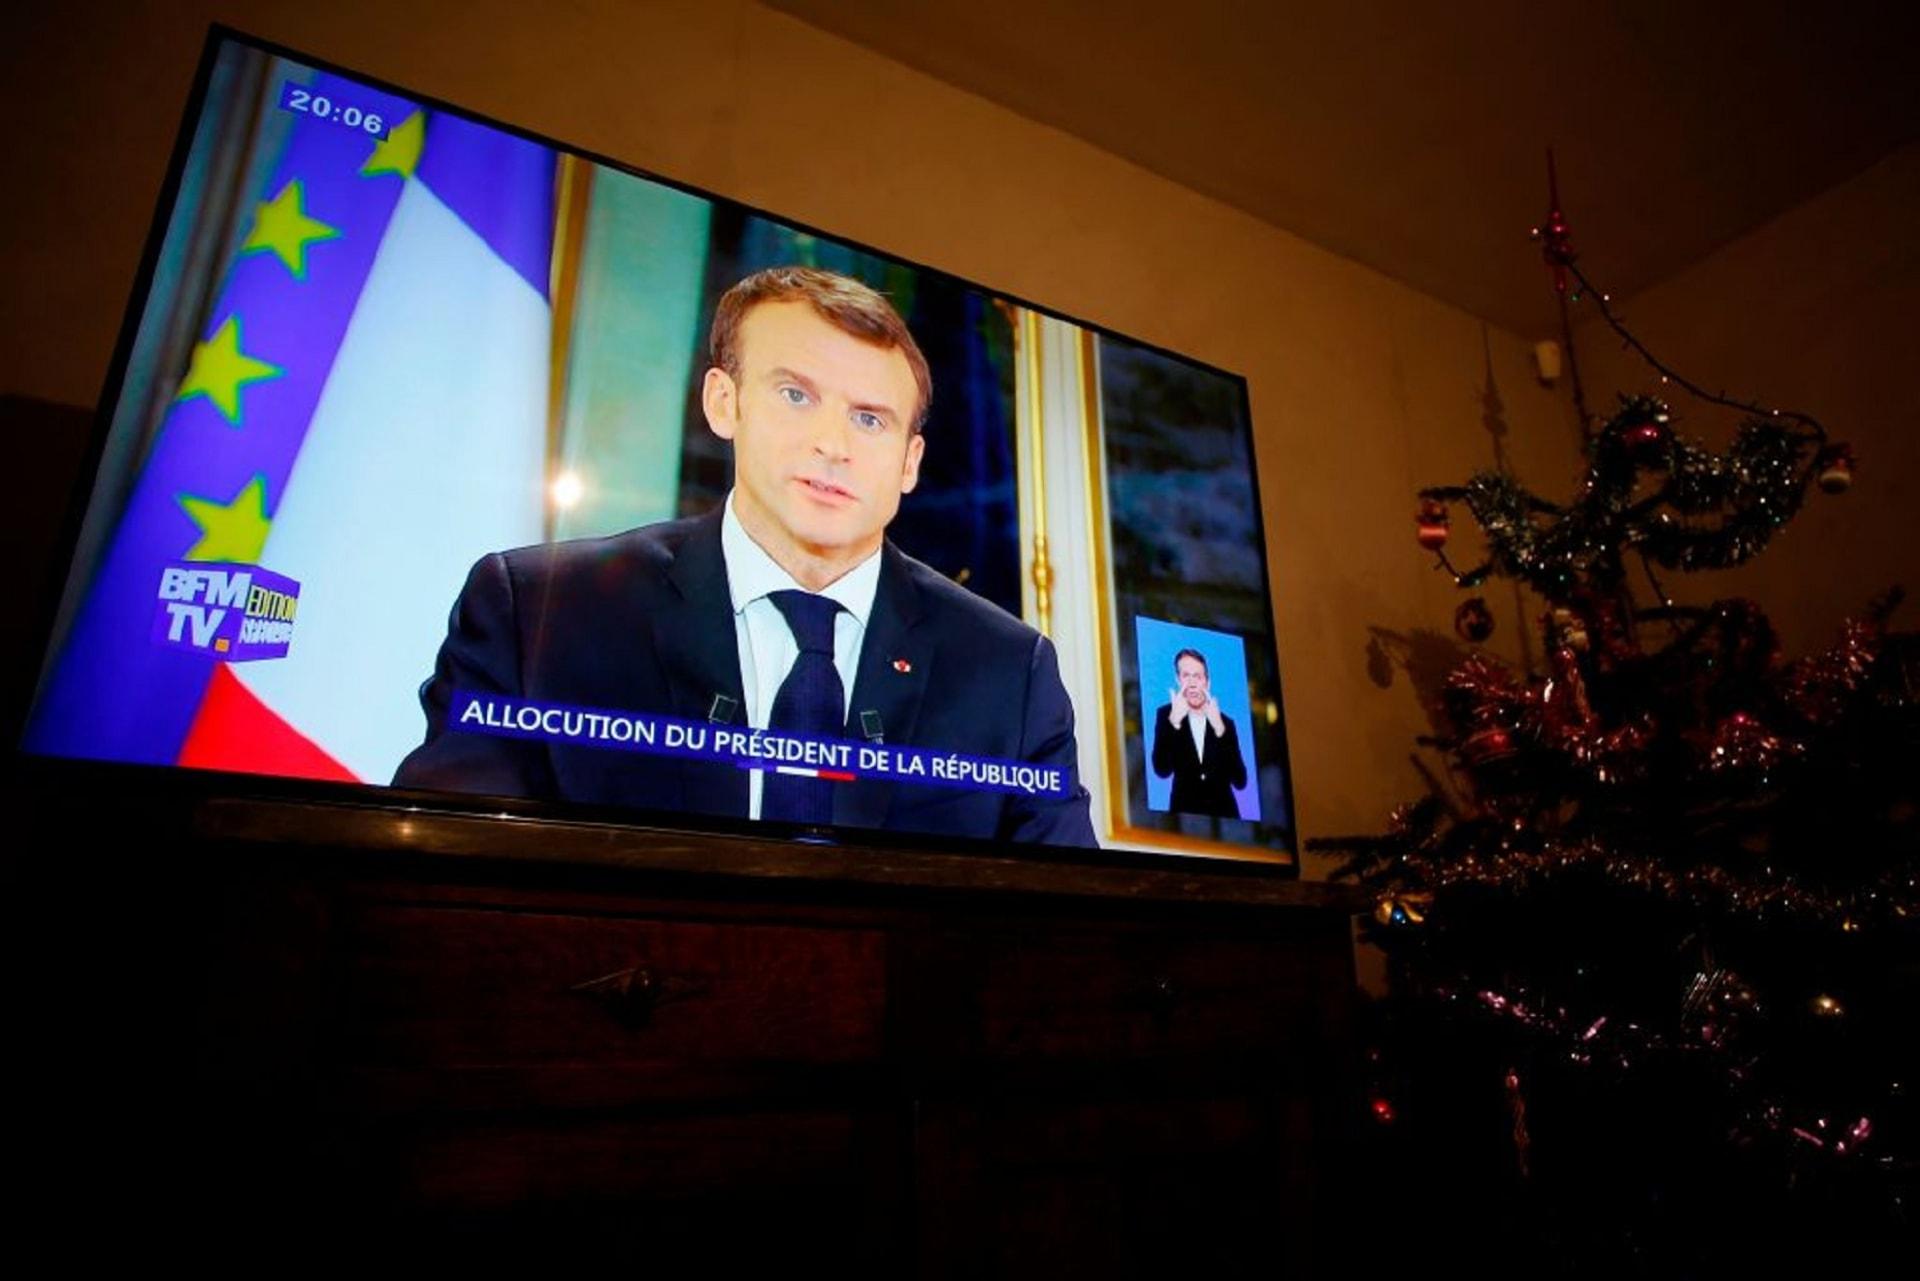 """كيف تابع الفرنسيون خطاب ماكرون عن """"السترات الصفراء""""؟"""